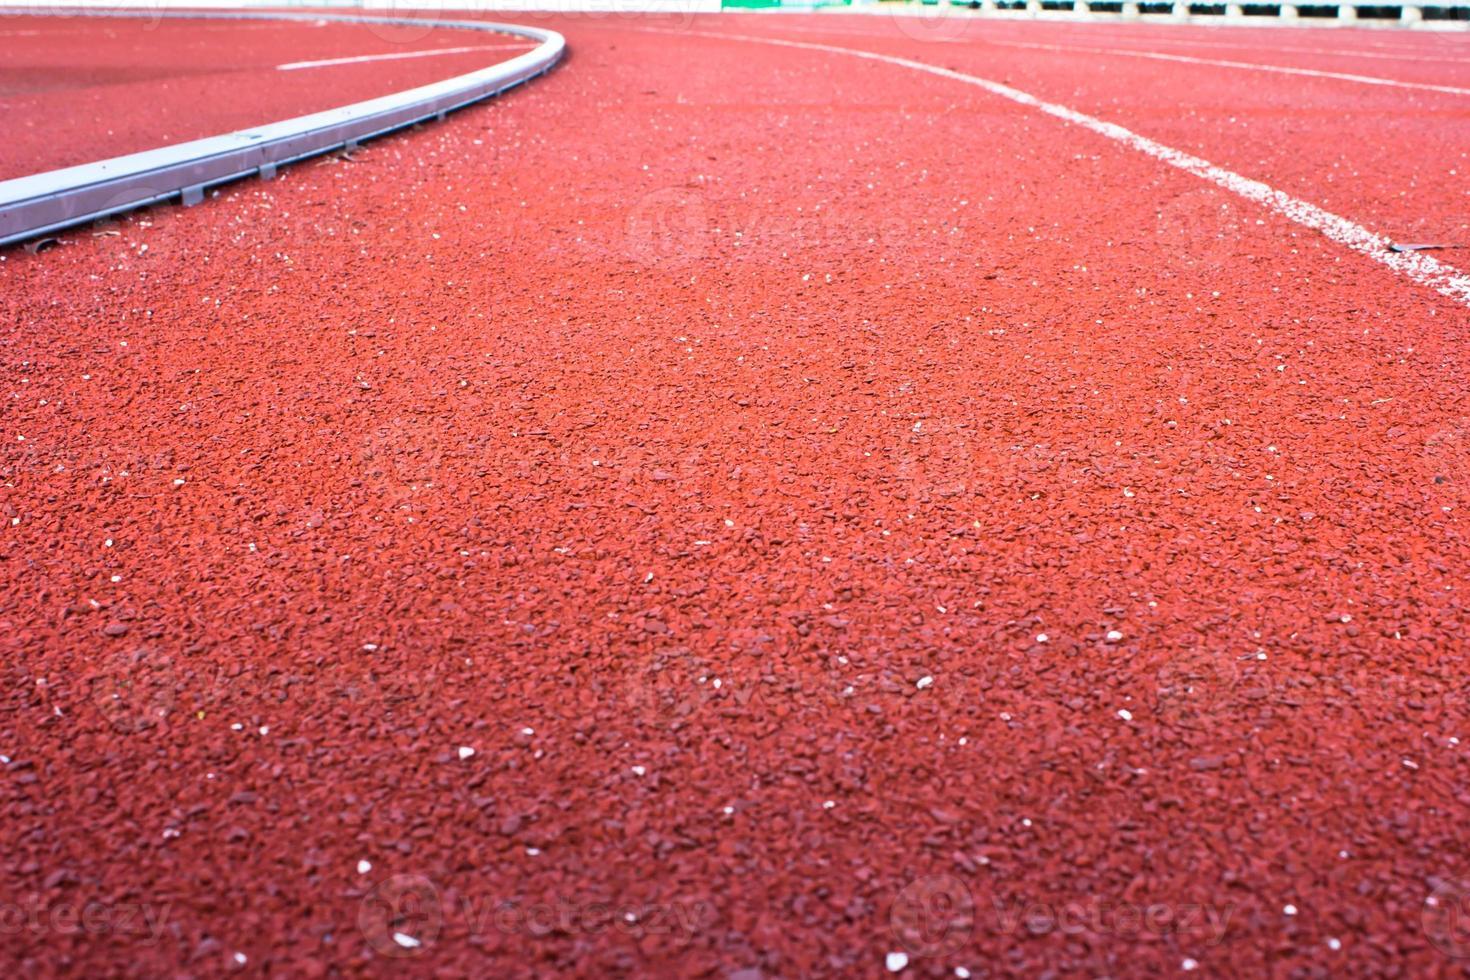 caoutchouc de piste standard couleur rouge standard photo